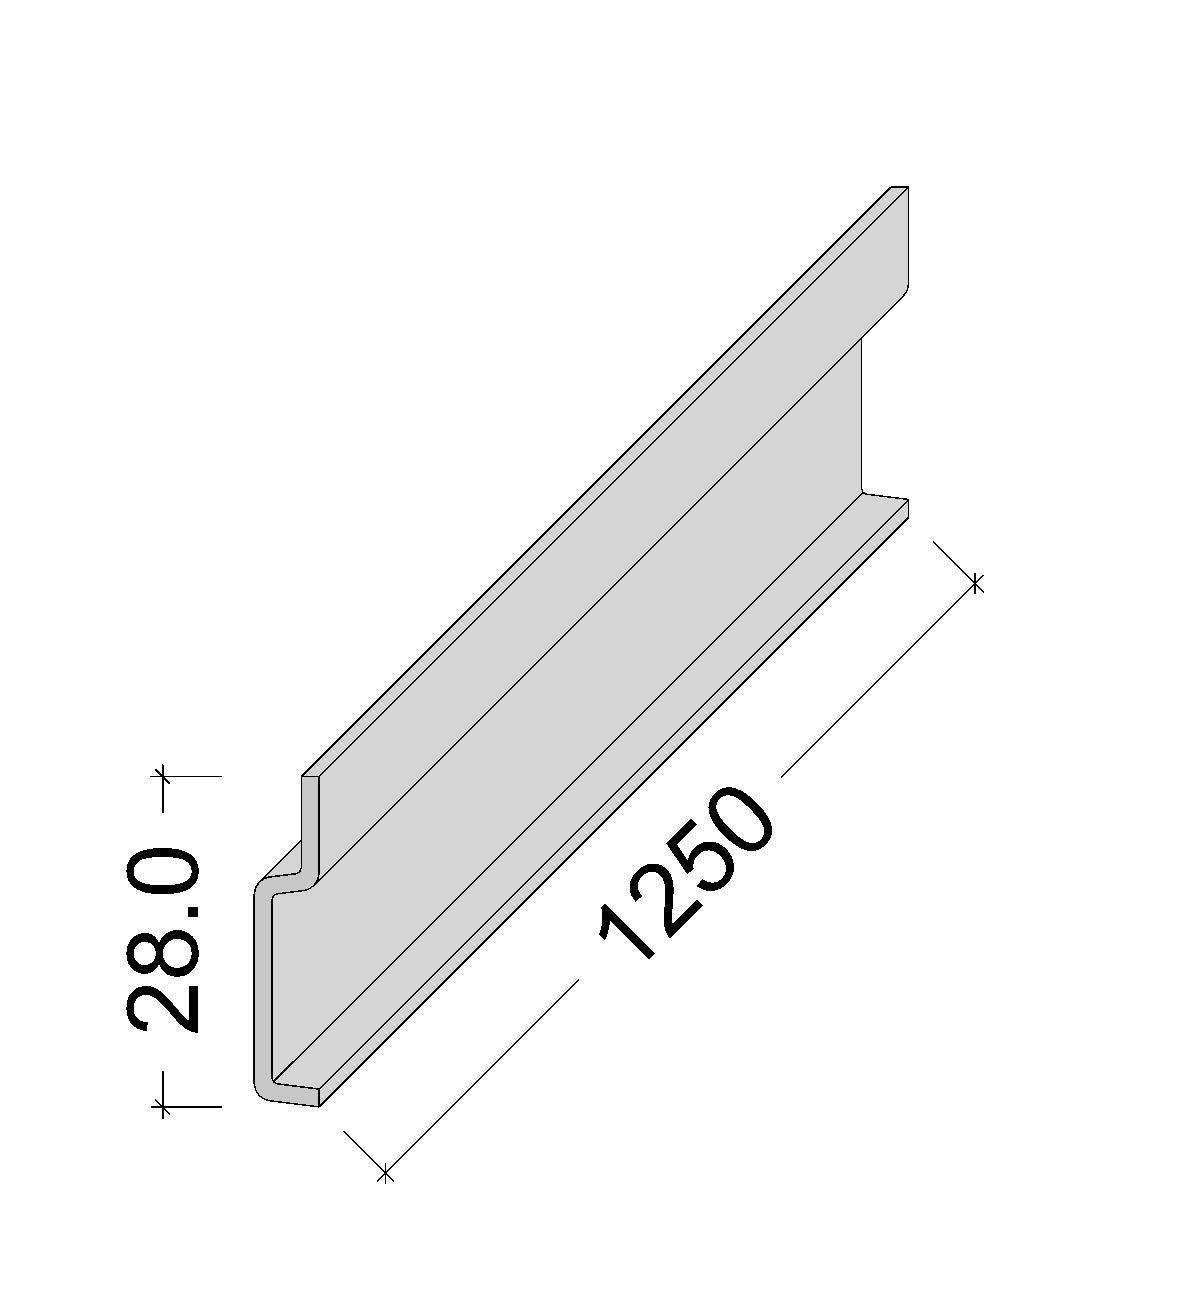 Tragkraft 240 kg Oberschrank Gedotec Wandschiene H/ängeschrank Schrank-Aufh/änger Aufh/ängeschiene Metall H/änge-Schiene ohne Schrauben Montageschiene mit L/änge 450 mm Stahl verzinkt 1 St/ück